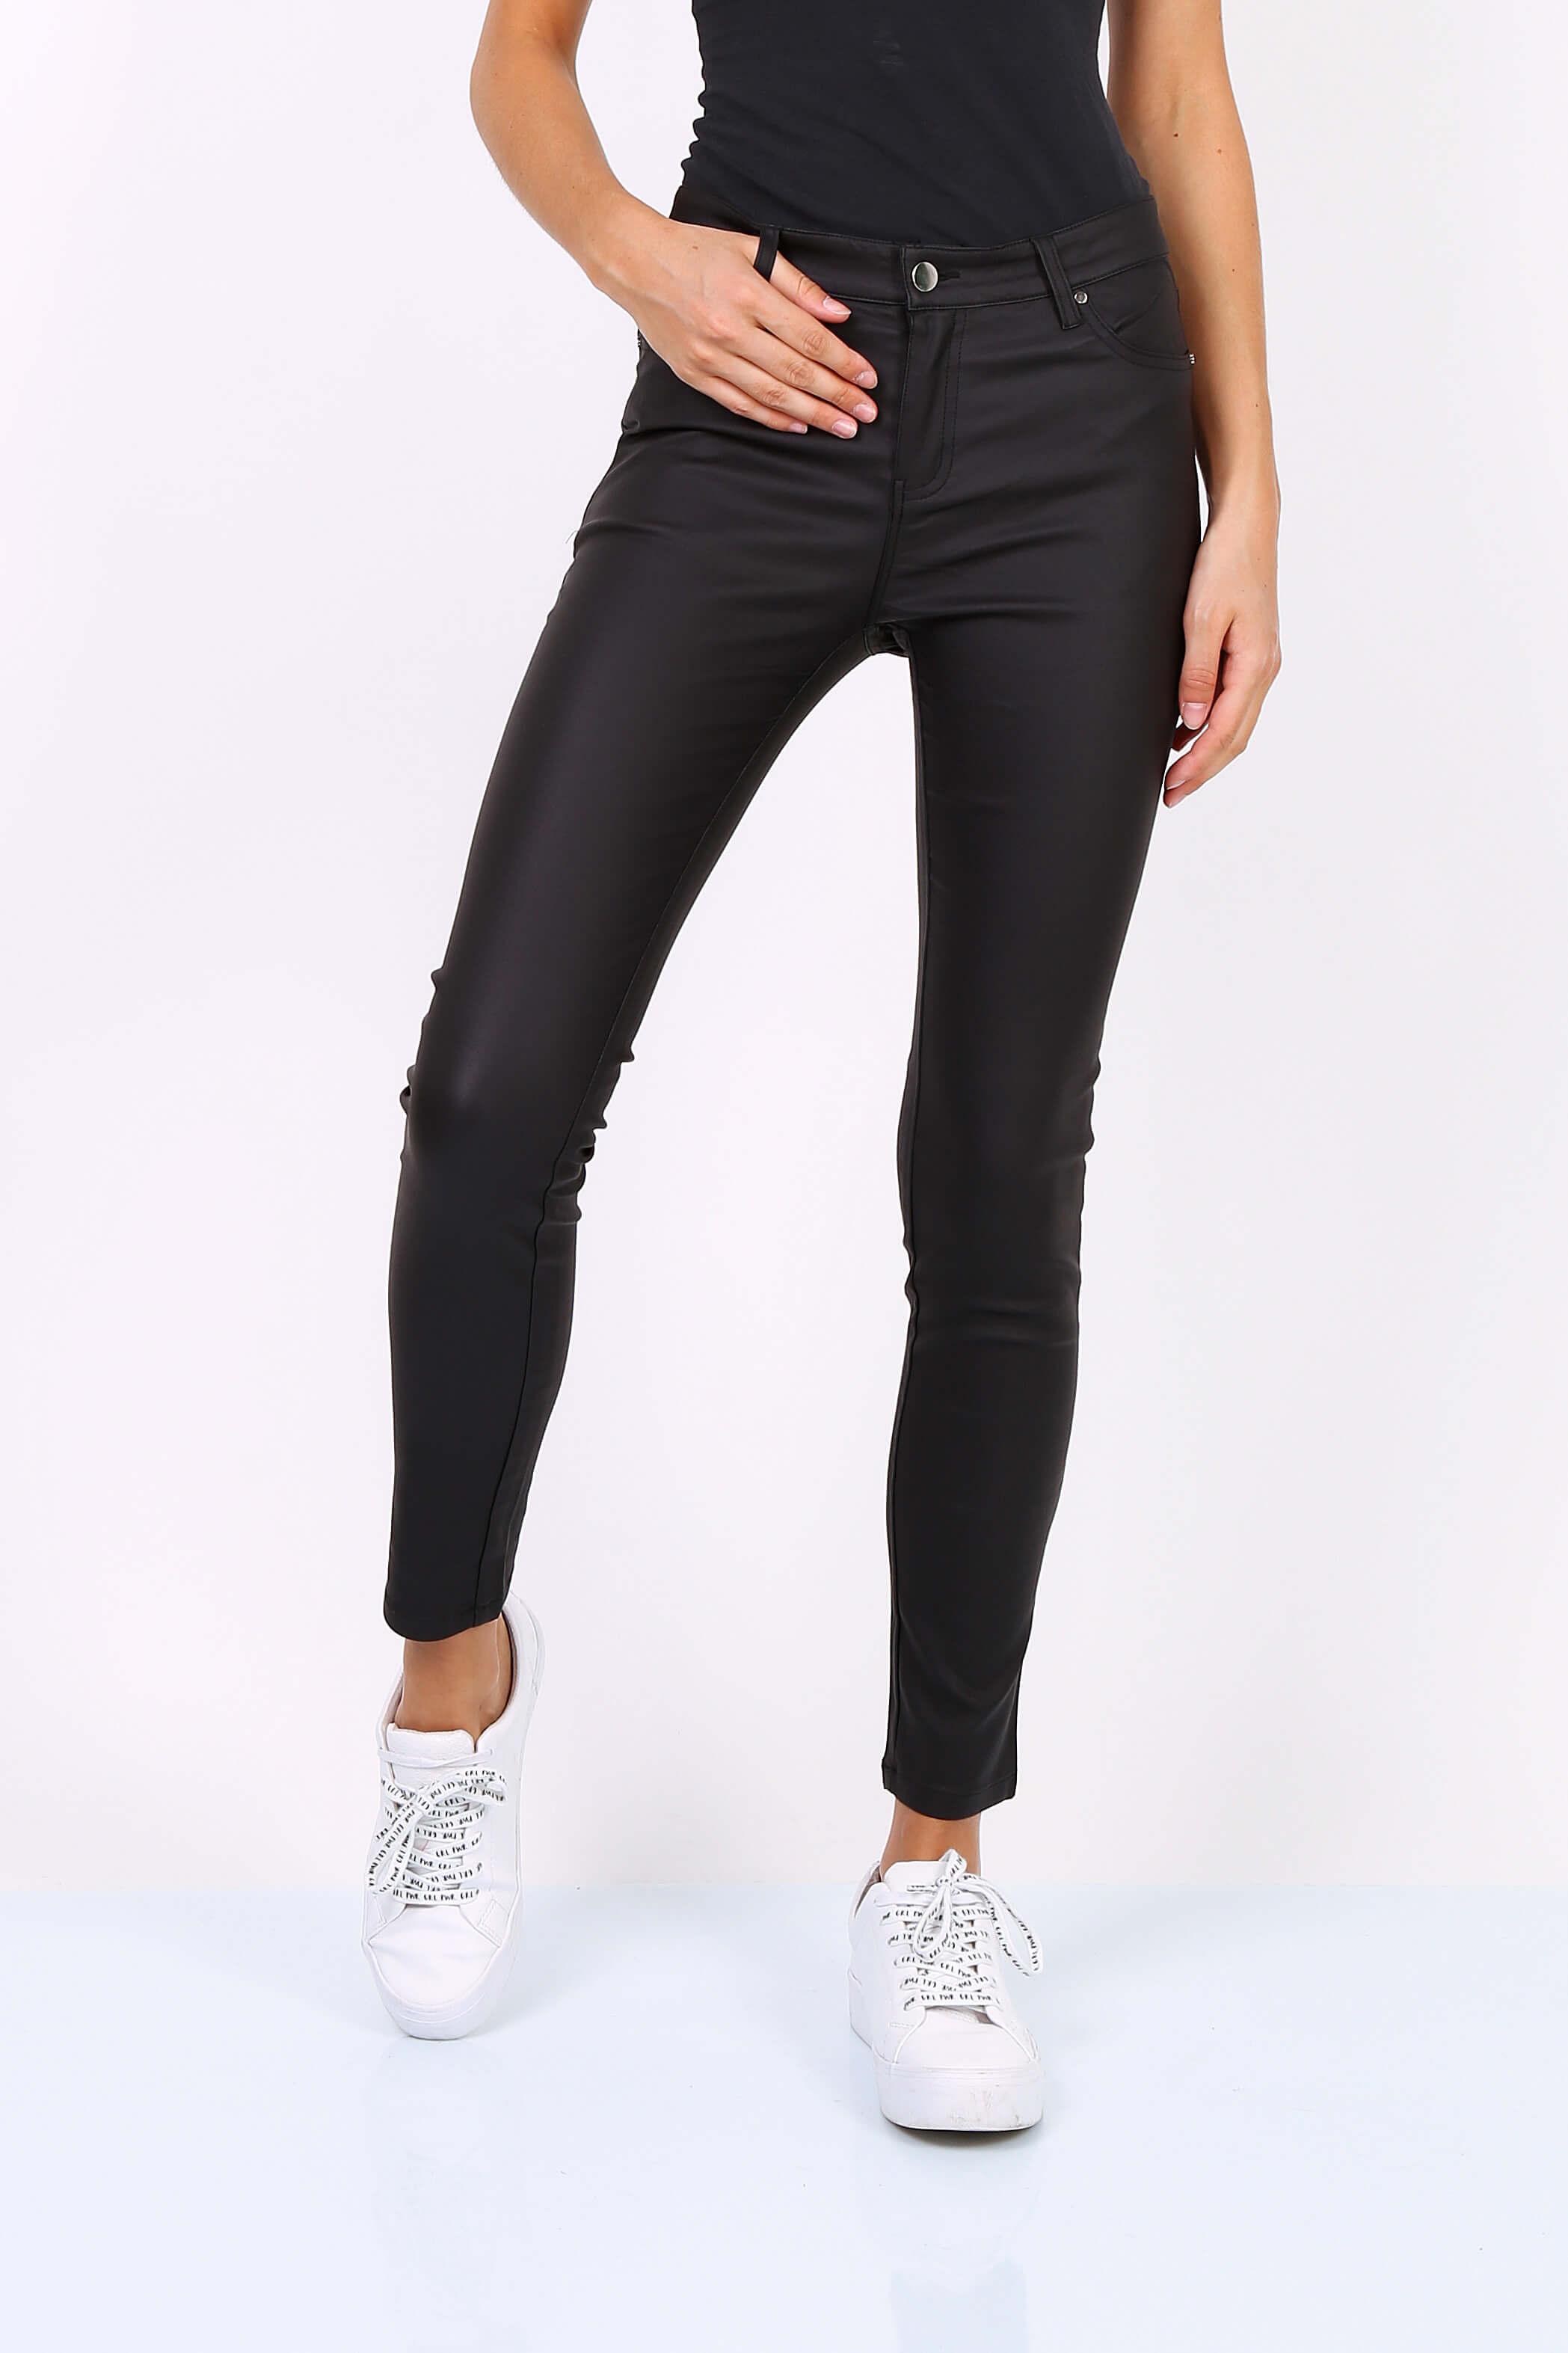 e5d9547faed9 Dámske čierne elastické nohavice - ROUZIT.SK